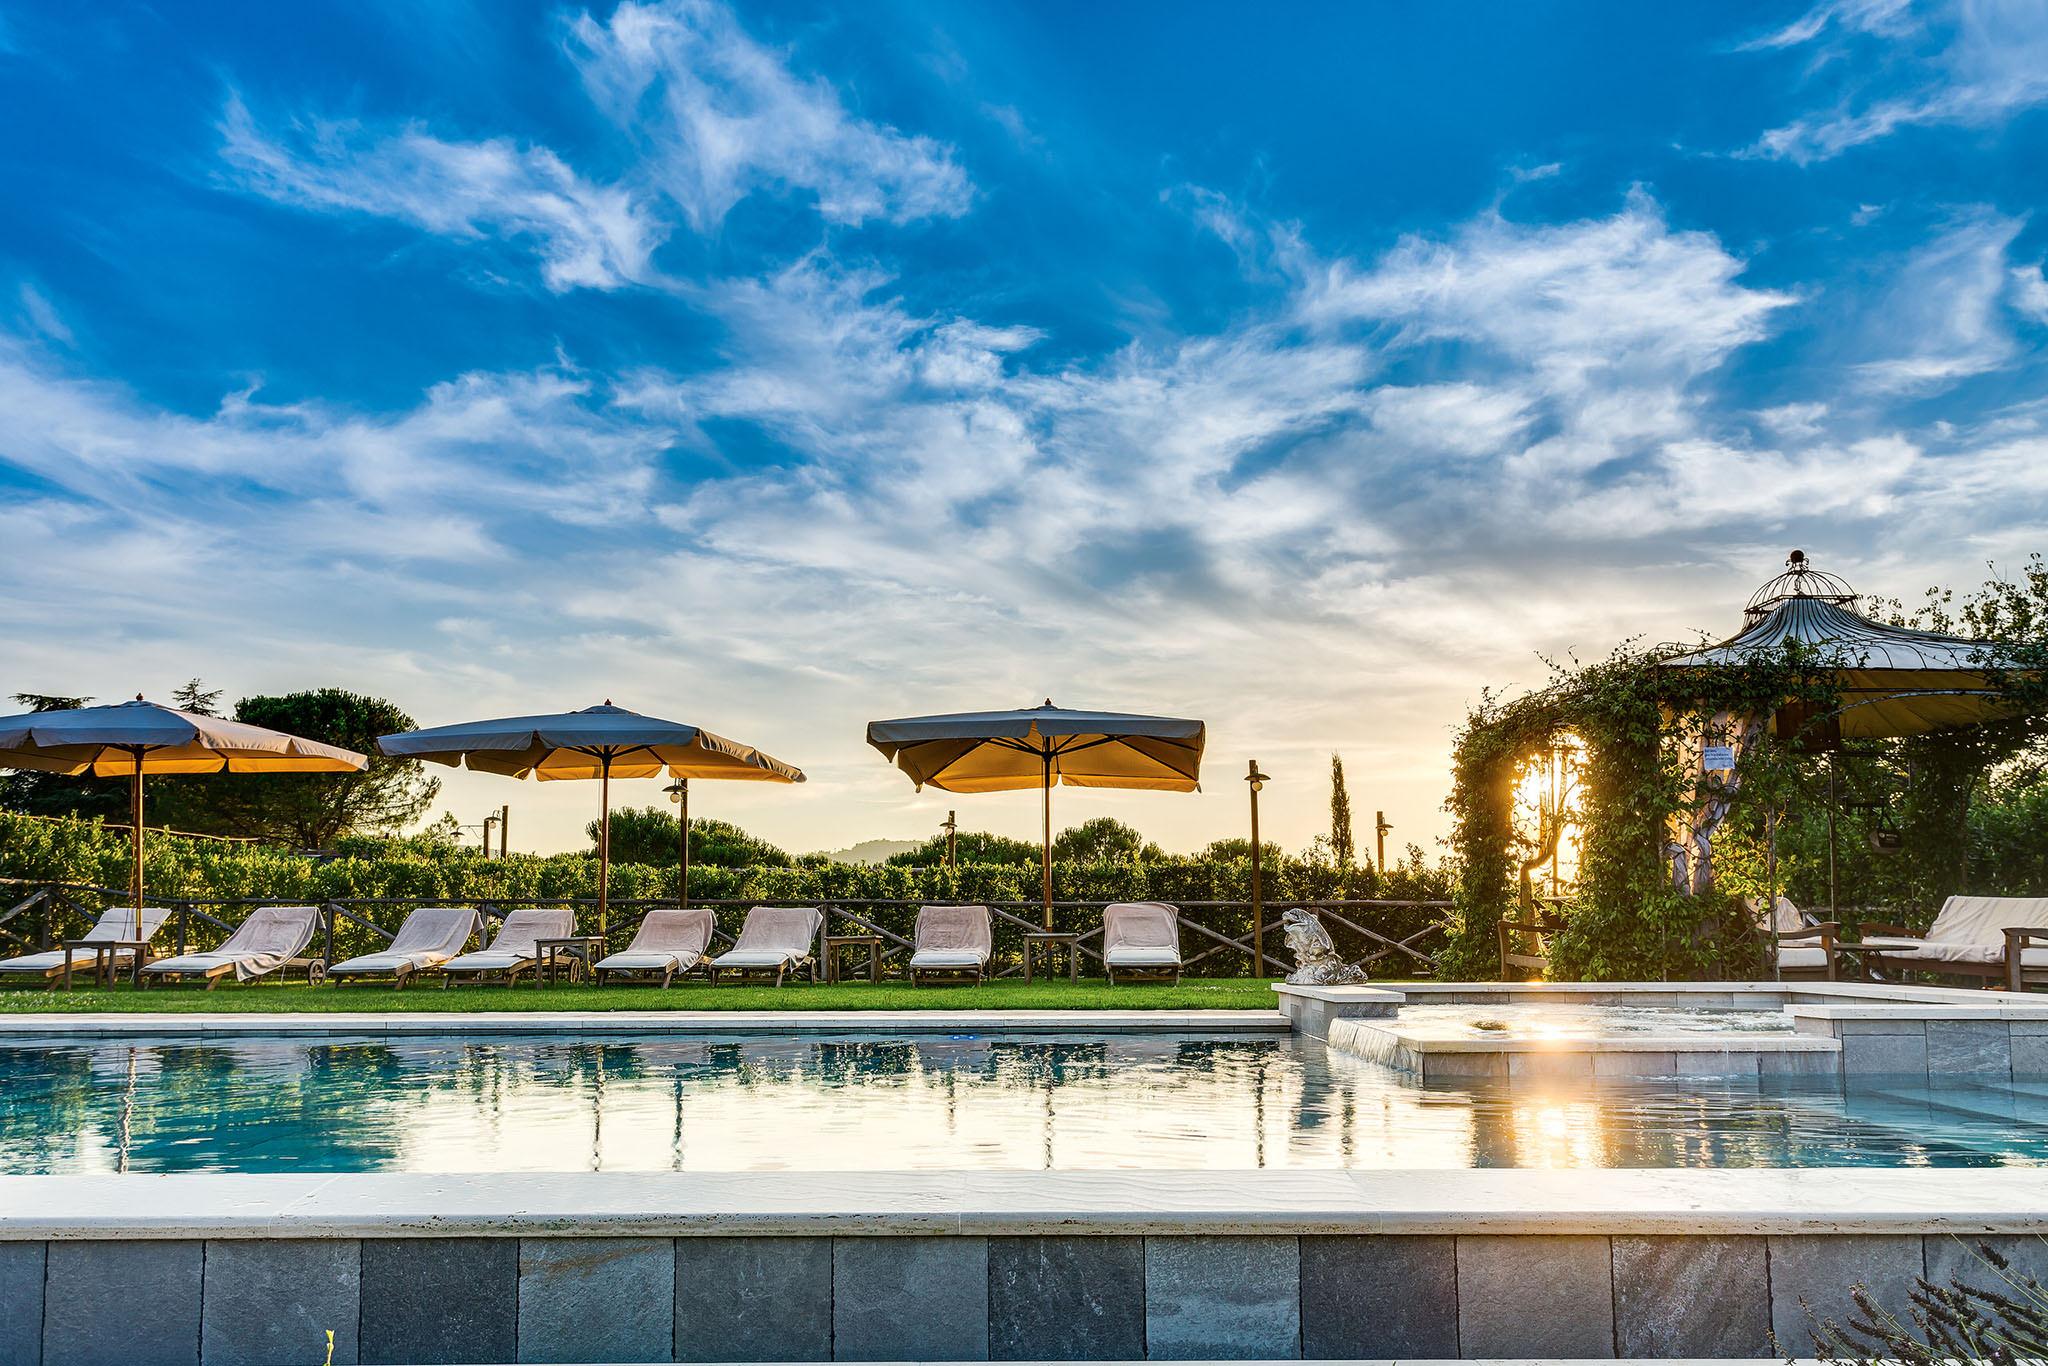 tramonto in piscina di lusso